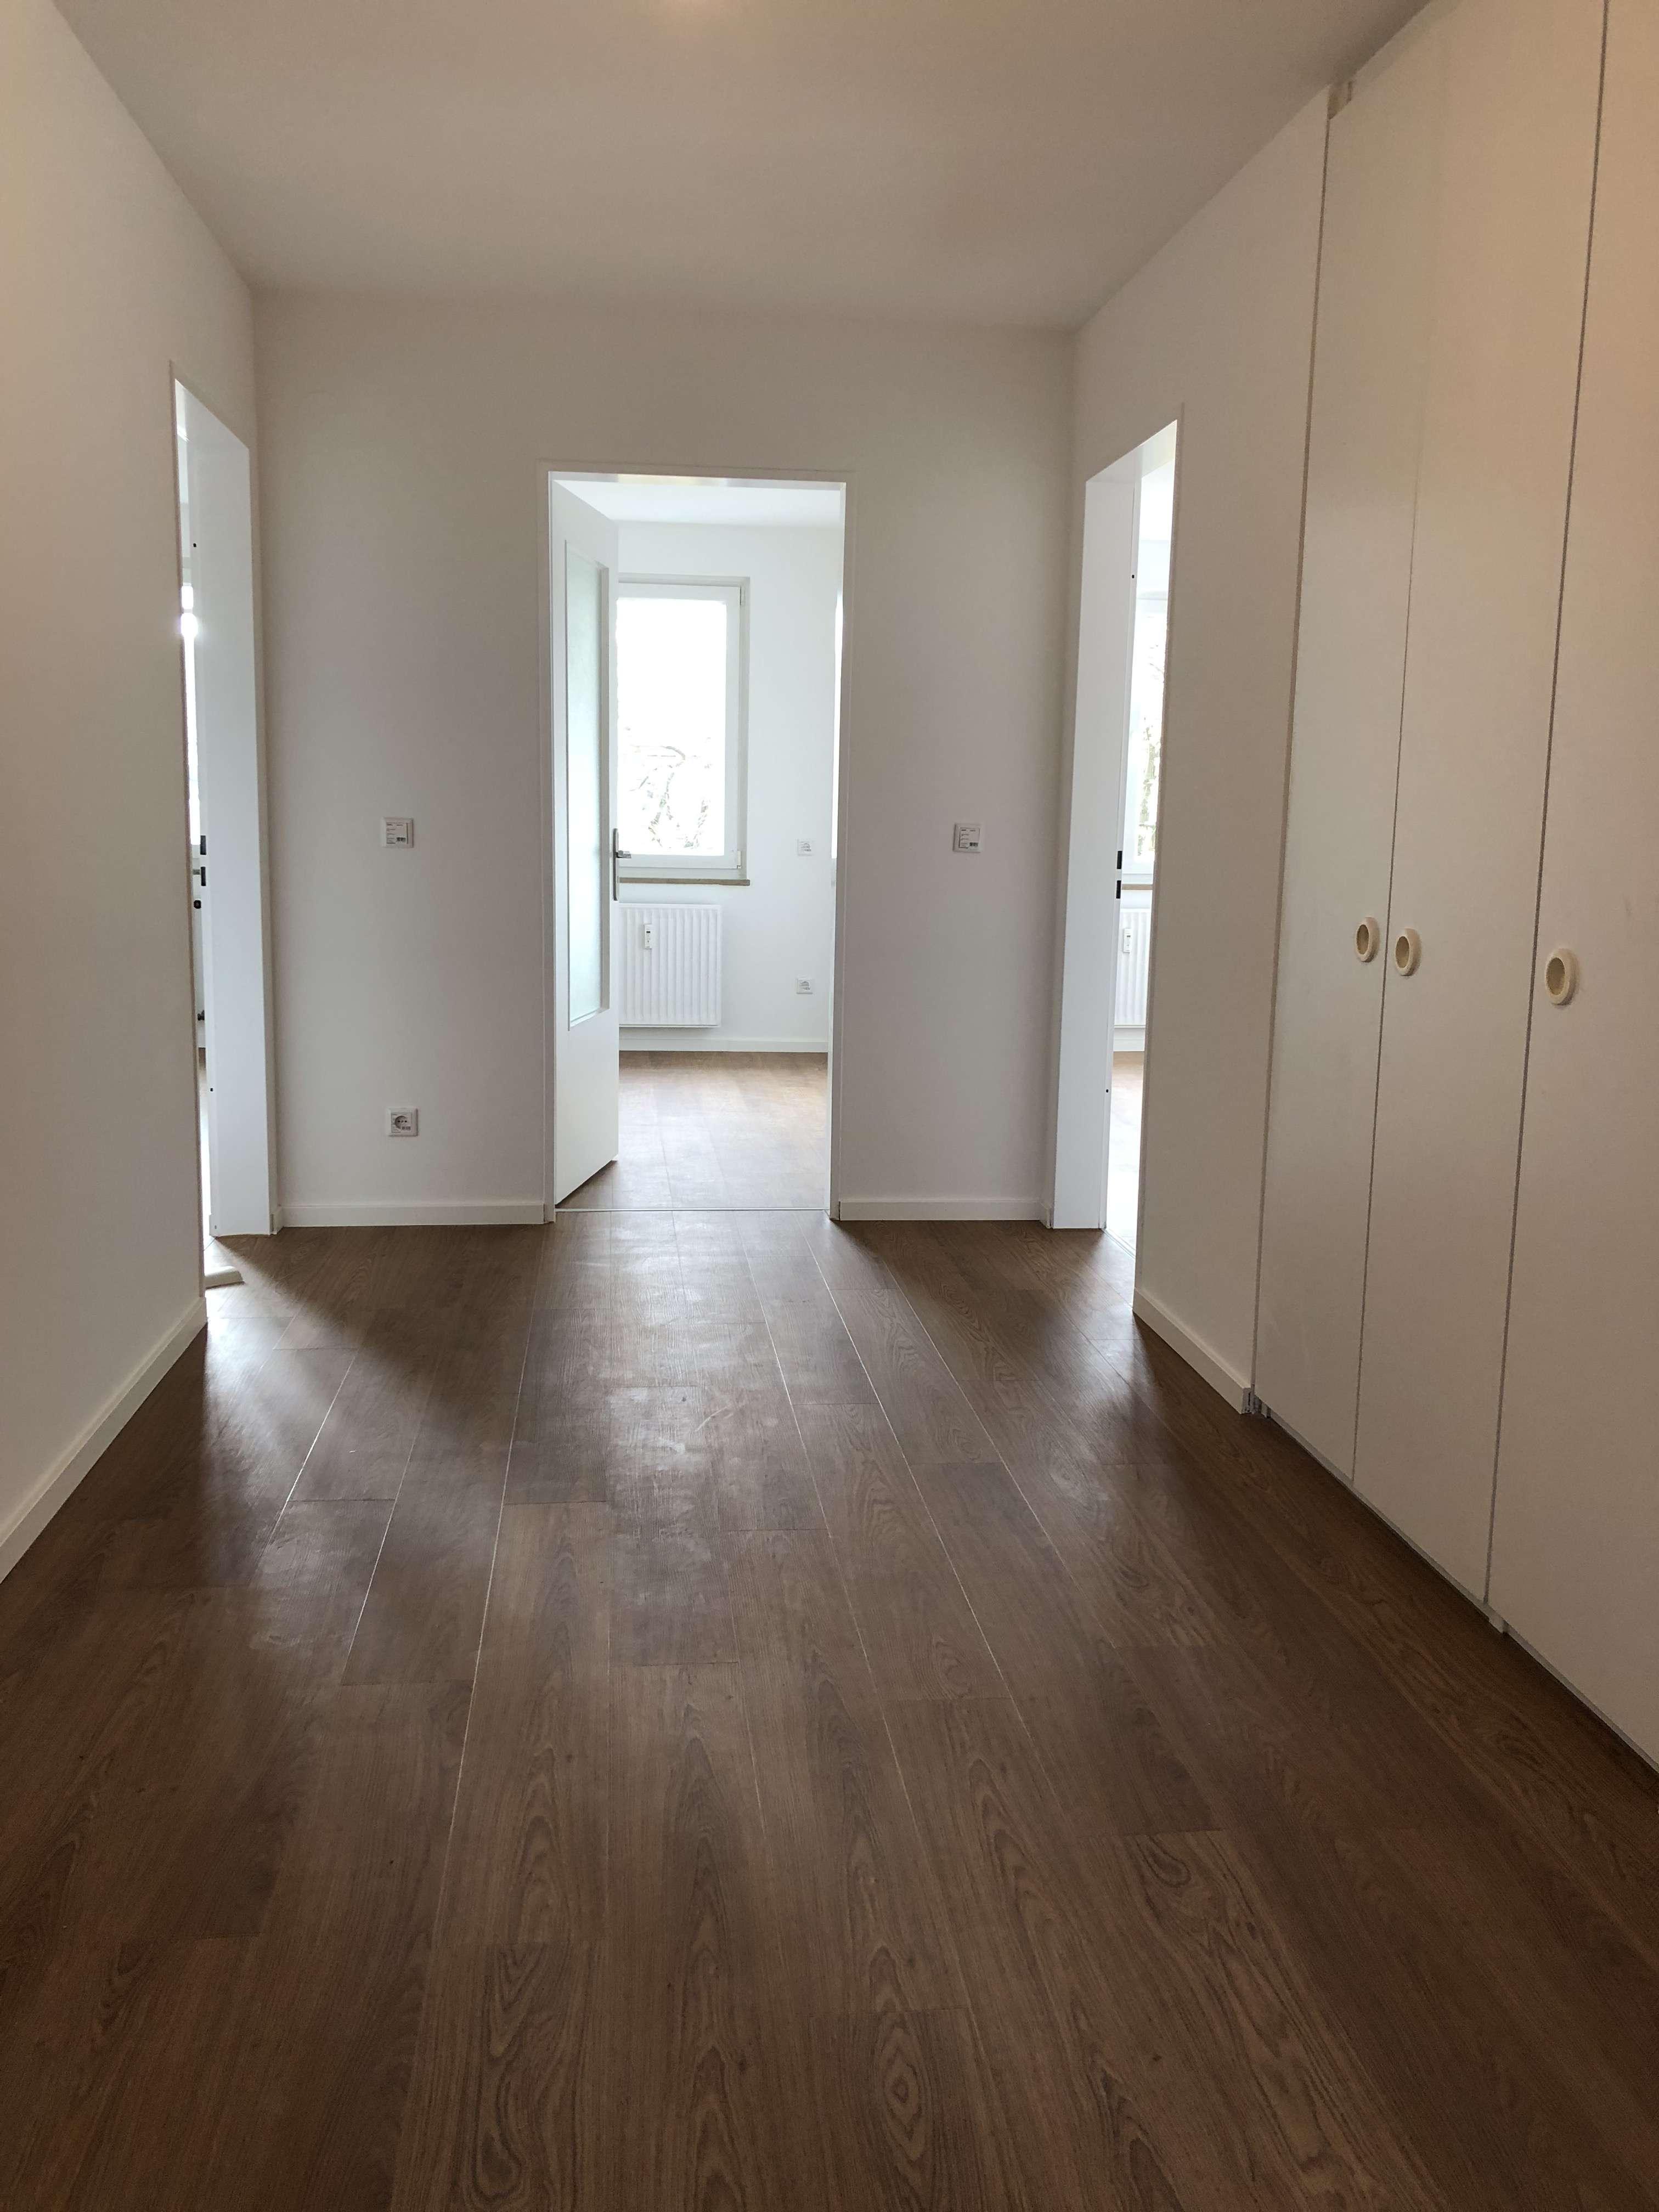 Exklusive, vollständig renovierte 4-Zimmer-Wohnung mit Balkon in Unterschleißheim in Unterschleißheim